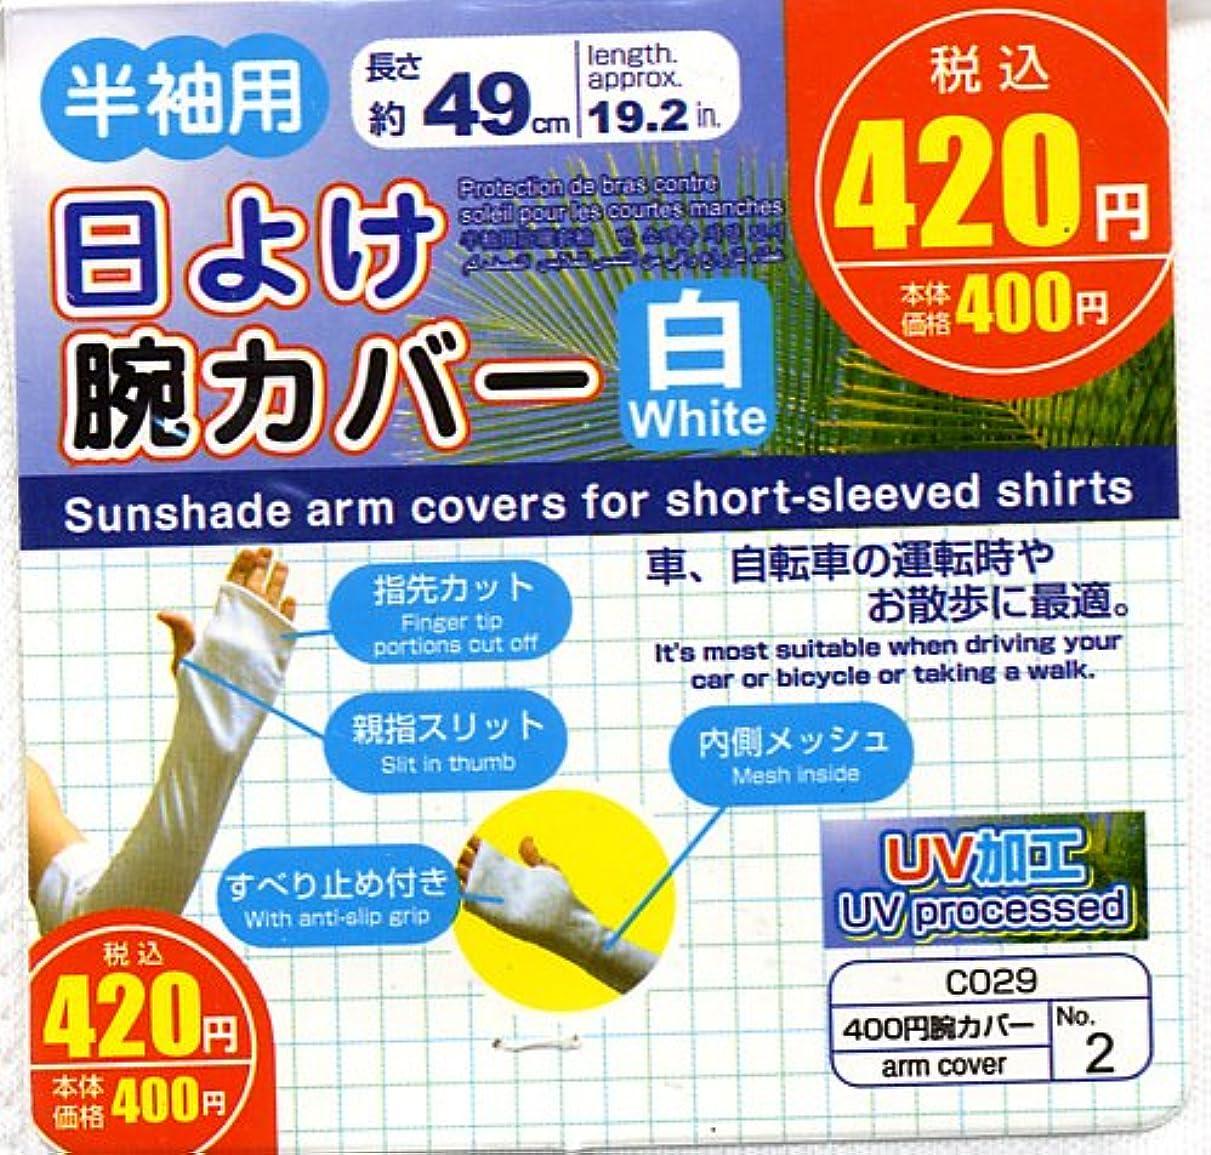 ニュージーランドランププレビスサイト紫外線対策に!UVカットでお肌を紫外線から守る!日よけ腕カバー